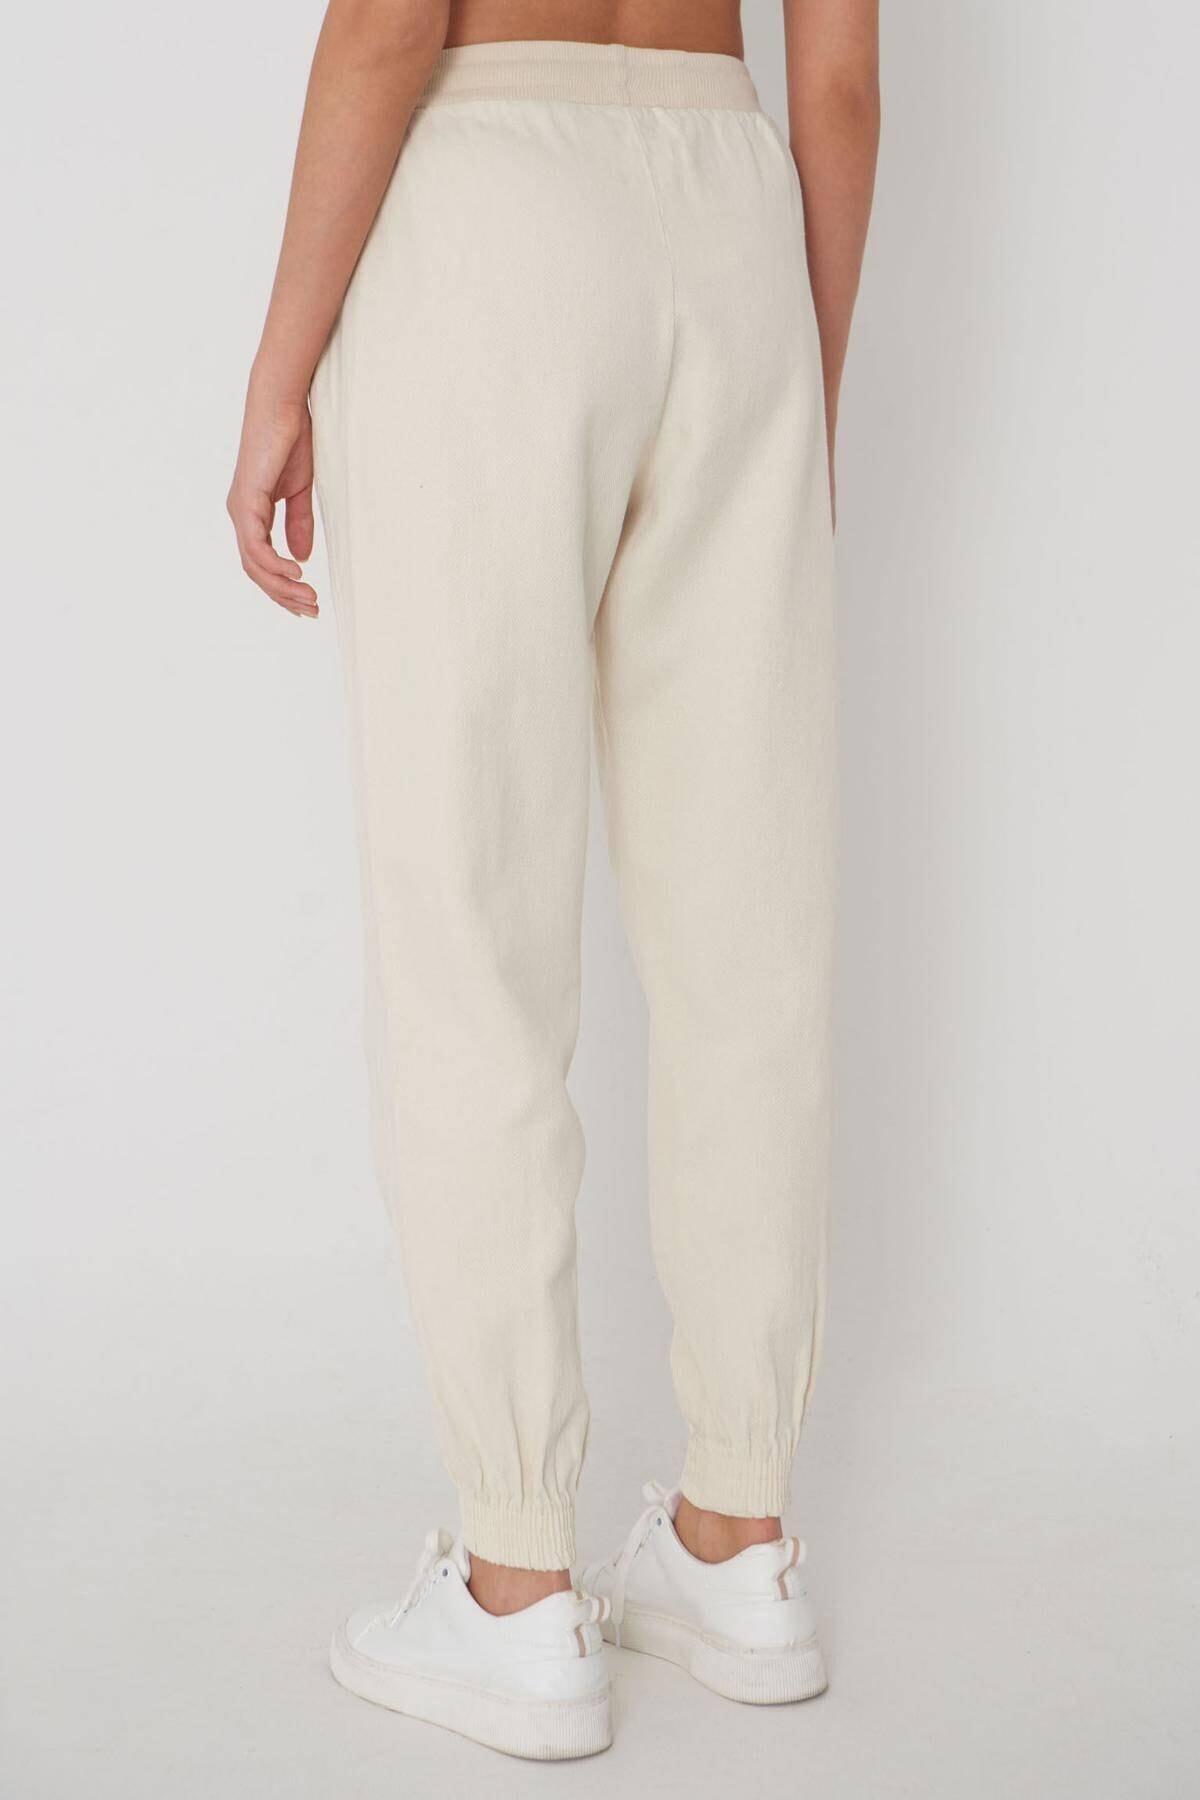 Addax Paçası Lastikli Pantolon Pn01-072 - W3 4